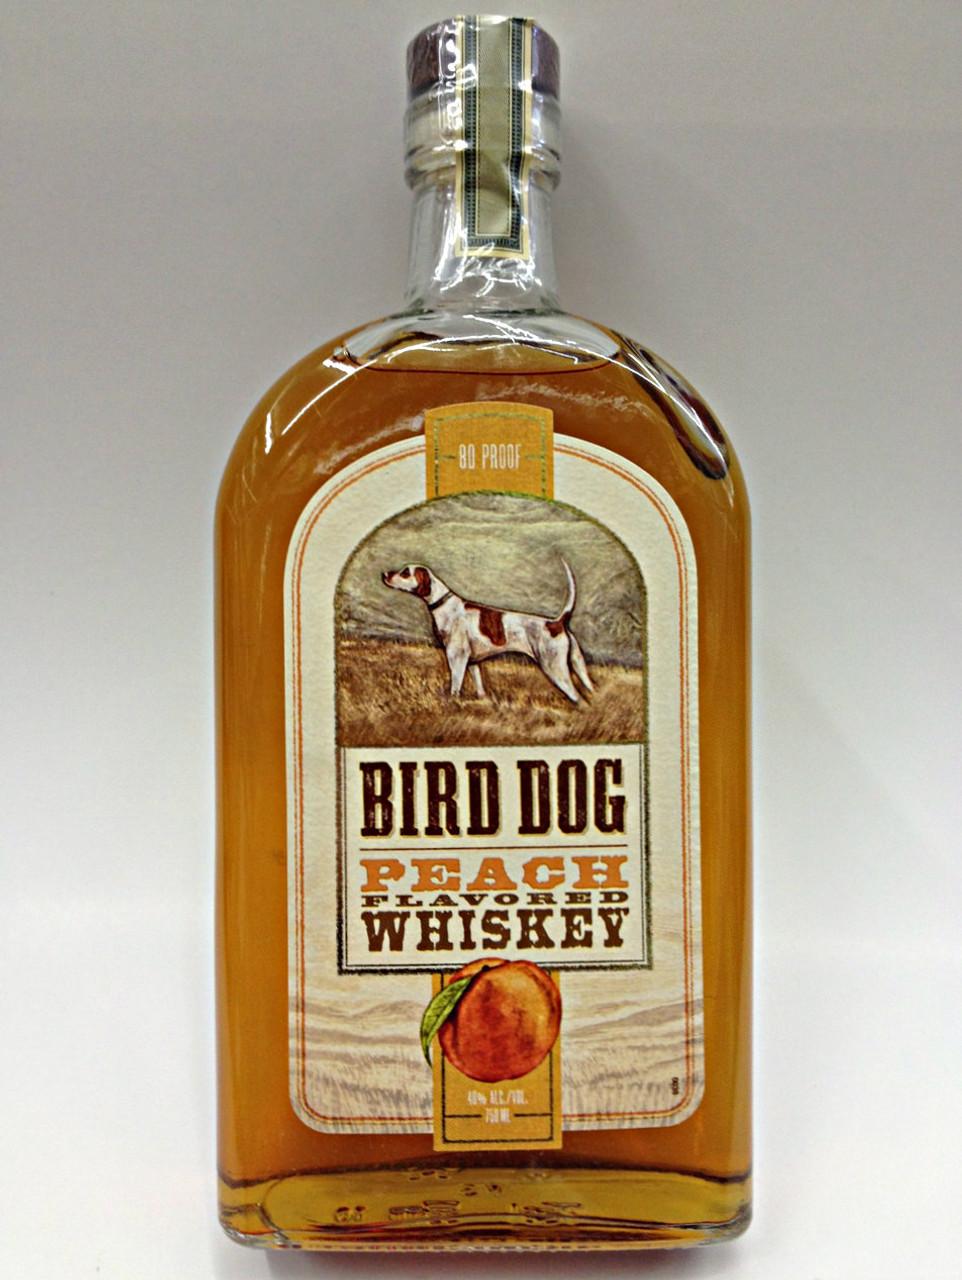 birddogpeach__01854.1402160797.JPG?c=2